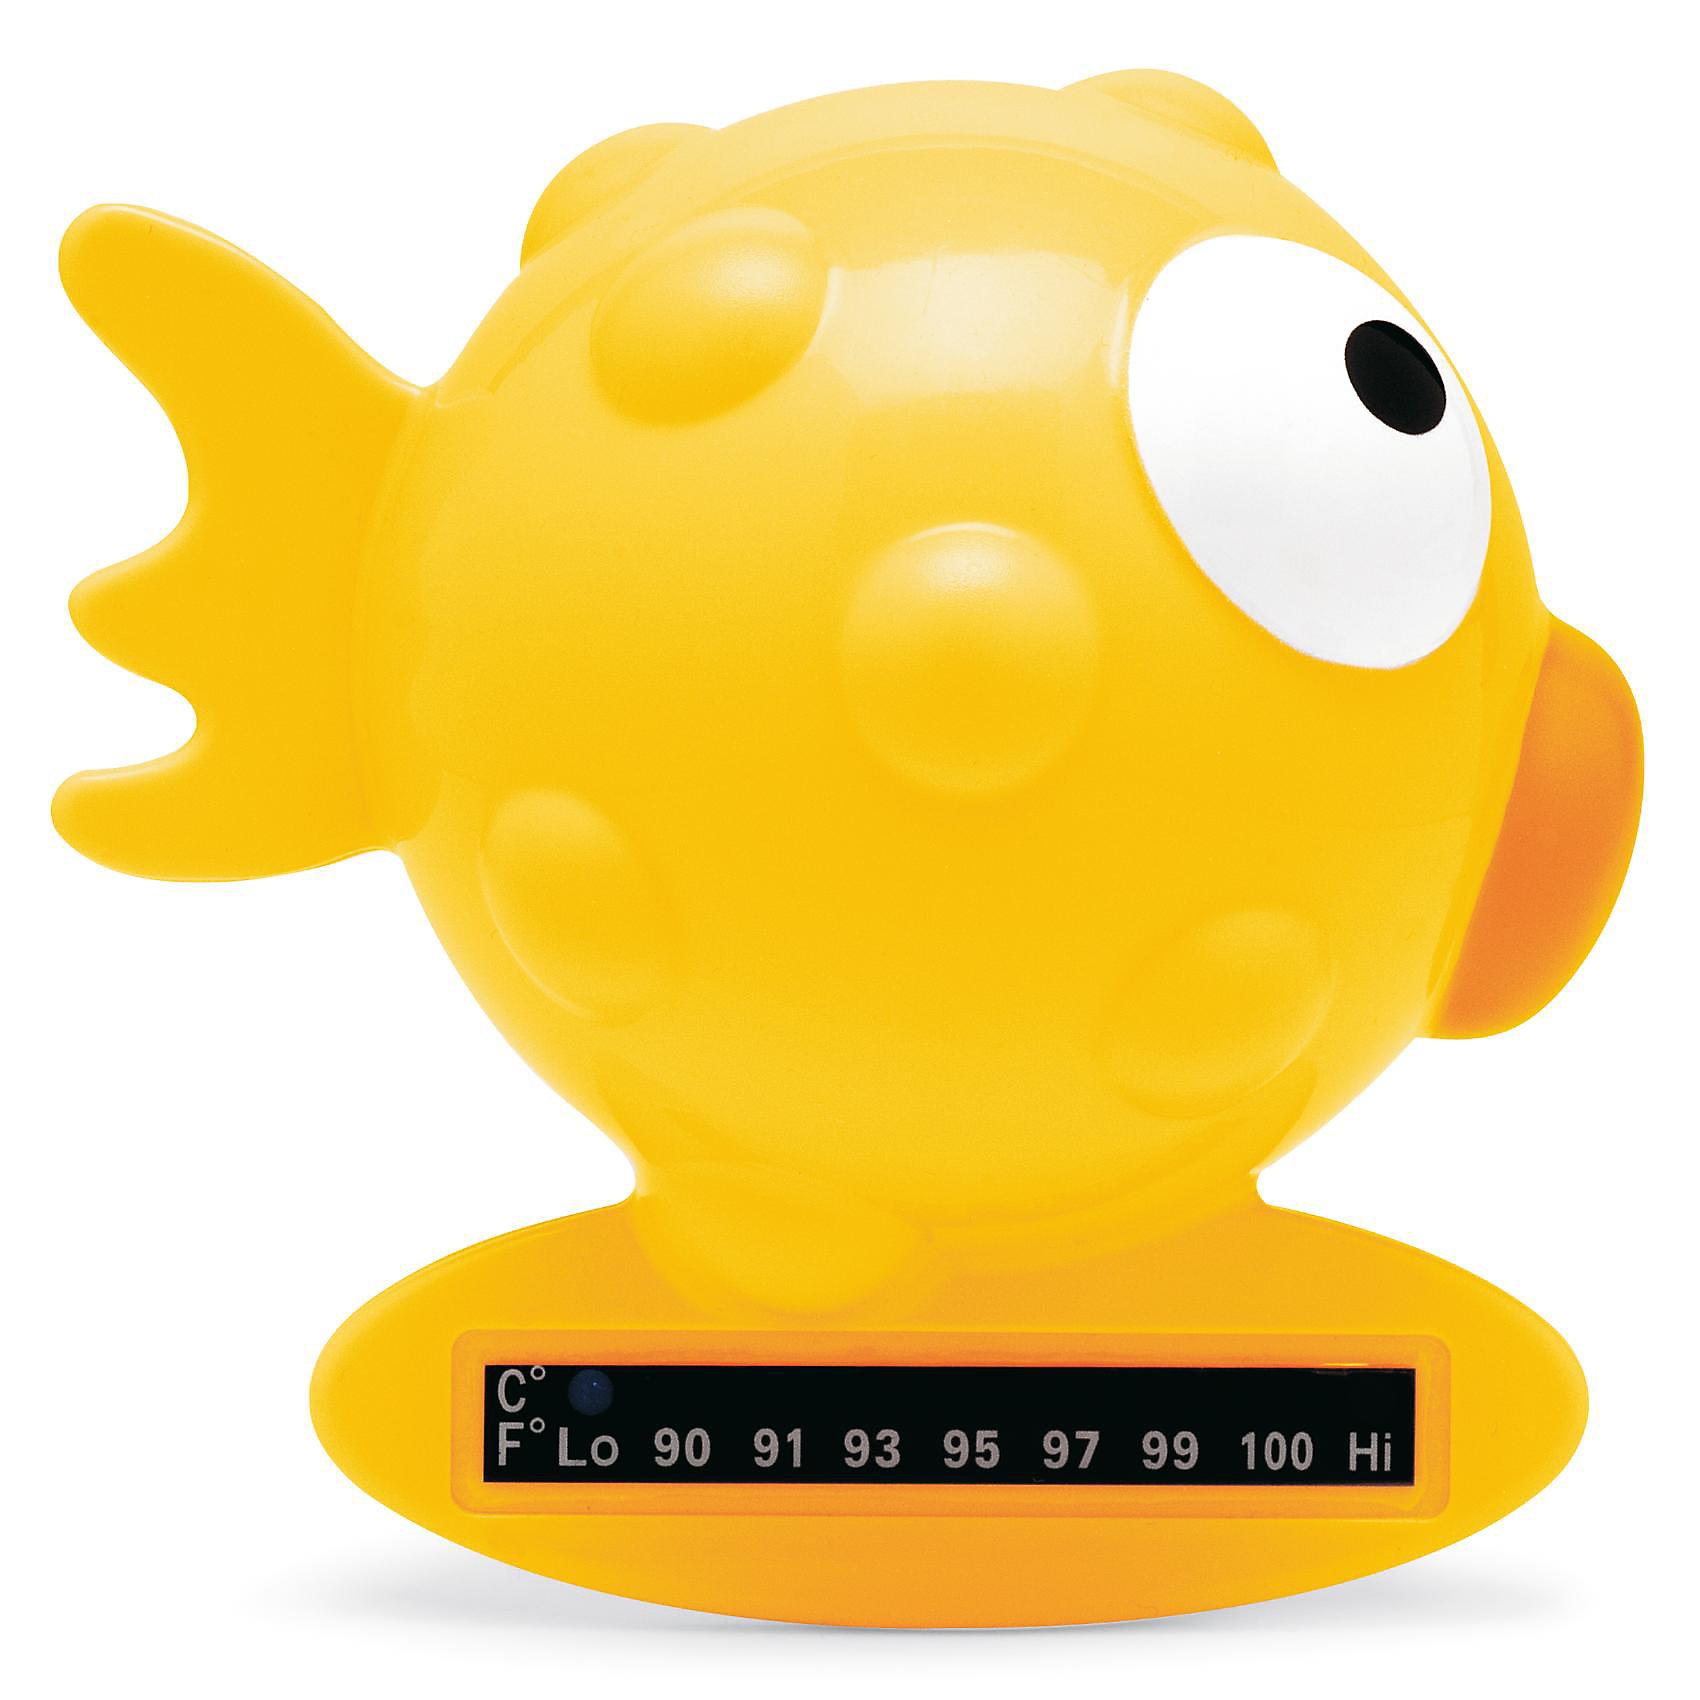 Термометр для ванны 0мес.+ Рыба-Шар, CHICCO, жёлтыйРыба-шар - цифровой термометр для ванны от известного итальянского бренда Chicco(Чикко). Он изготовлен из прочного пластика, безопасного для крохи. Термометр имеет шкалу, которая зеленеет при погружении в воду. Яркая рыбка привлечет внимание крохи, и он с удовольствием поиграет с ней. Множественные пупырышки помогут развить мелкую моторику. С этим термометром каждое купание превратится в веселую игру!<br><br>Дополнительная информация:<br>Материал: пластик<br>Размер: 10х10х7 см<br>Вес: 110 грамм <br>Цвет: желтый<br><br>Вы можете приобрести термометр Рыба-шар от Chicco(Чикко) в нашем интернет-магазине.<br><br>Ширина мм: 202<br>Глубина мм: 157<br>Высота мм: 82<br>Вес г: 167<br>Возраст от месяцев: 6<br>Возраст до месяцев: 36<br>Пол: Унисекс<br>Возраст: Детский<br>SKU: 1737303